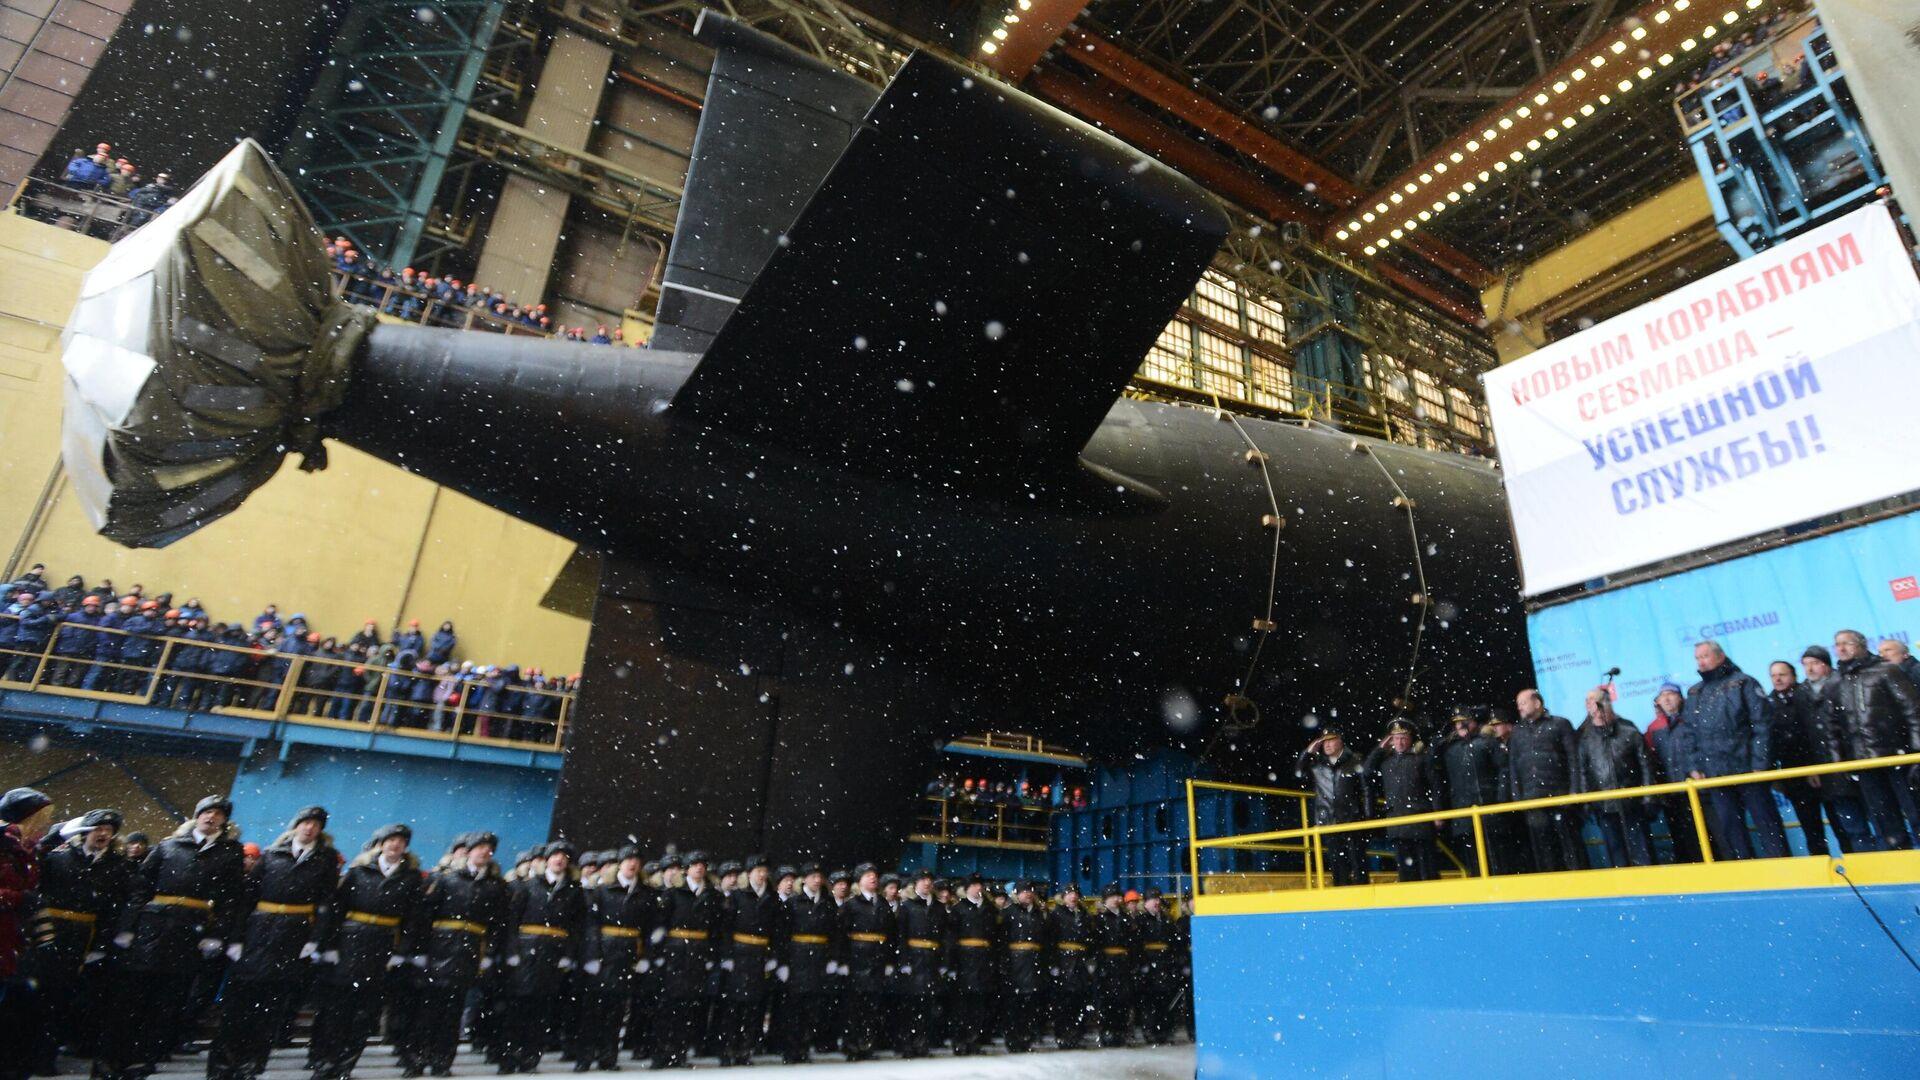 Торжественная церемония спуска на воду атомного подводного крейсера Казань ВМФ России - РИА Новости, 1920, 31.12.2020